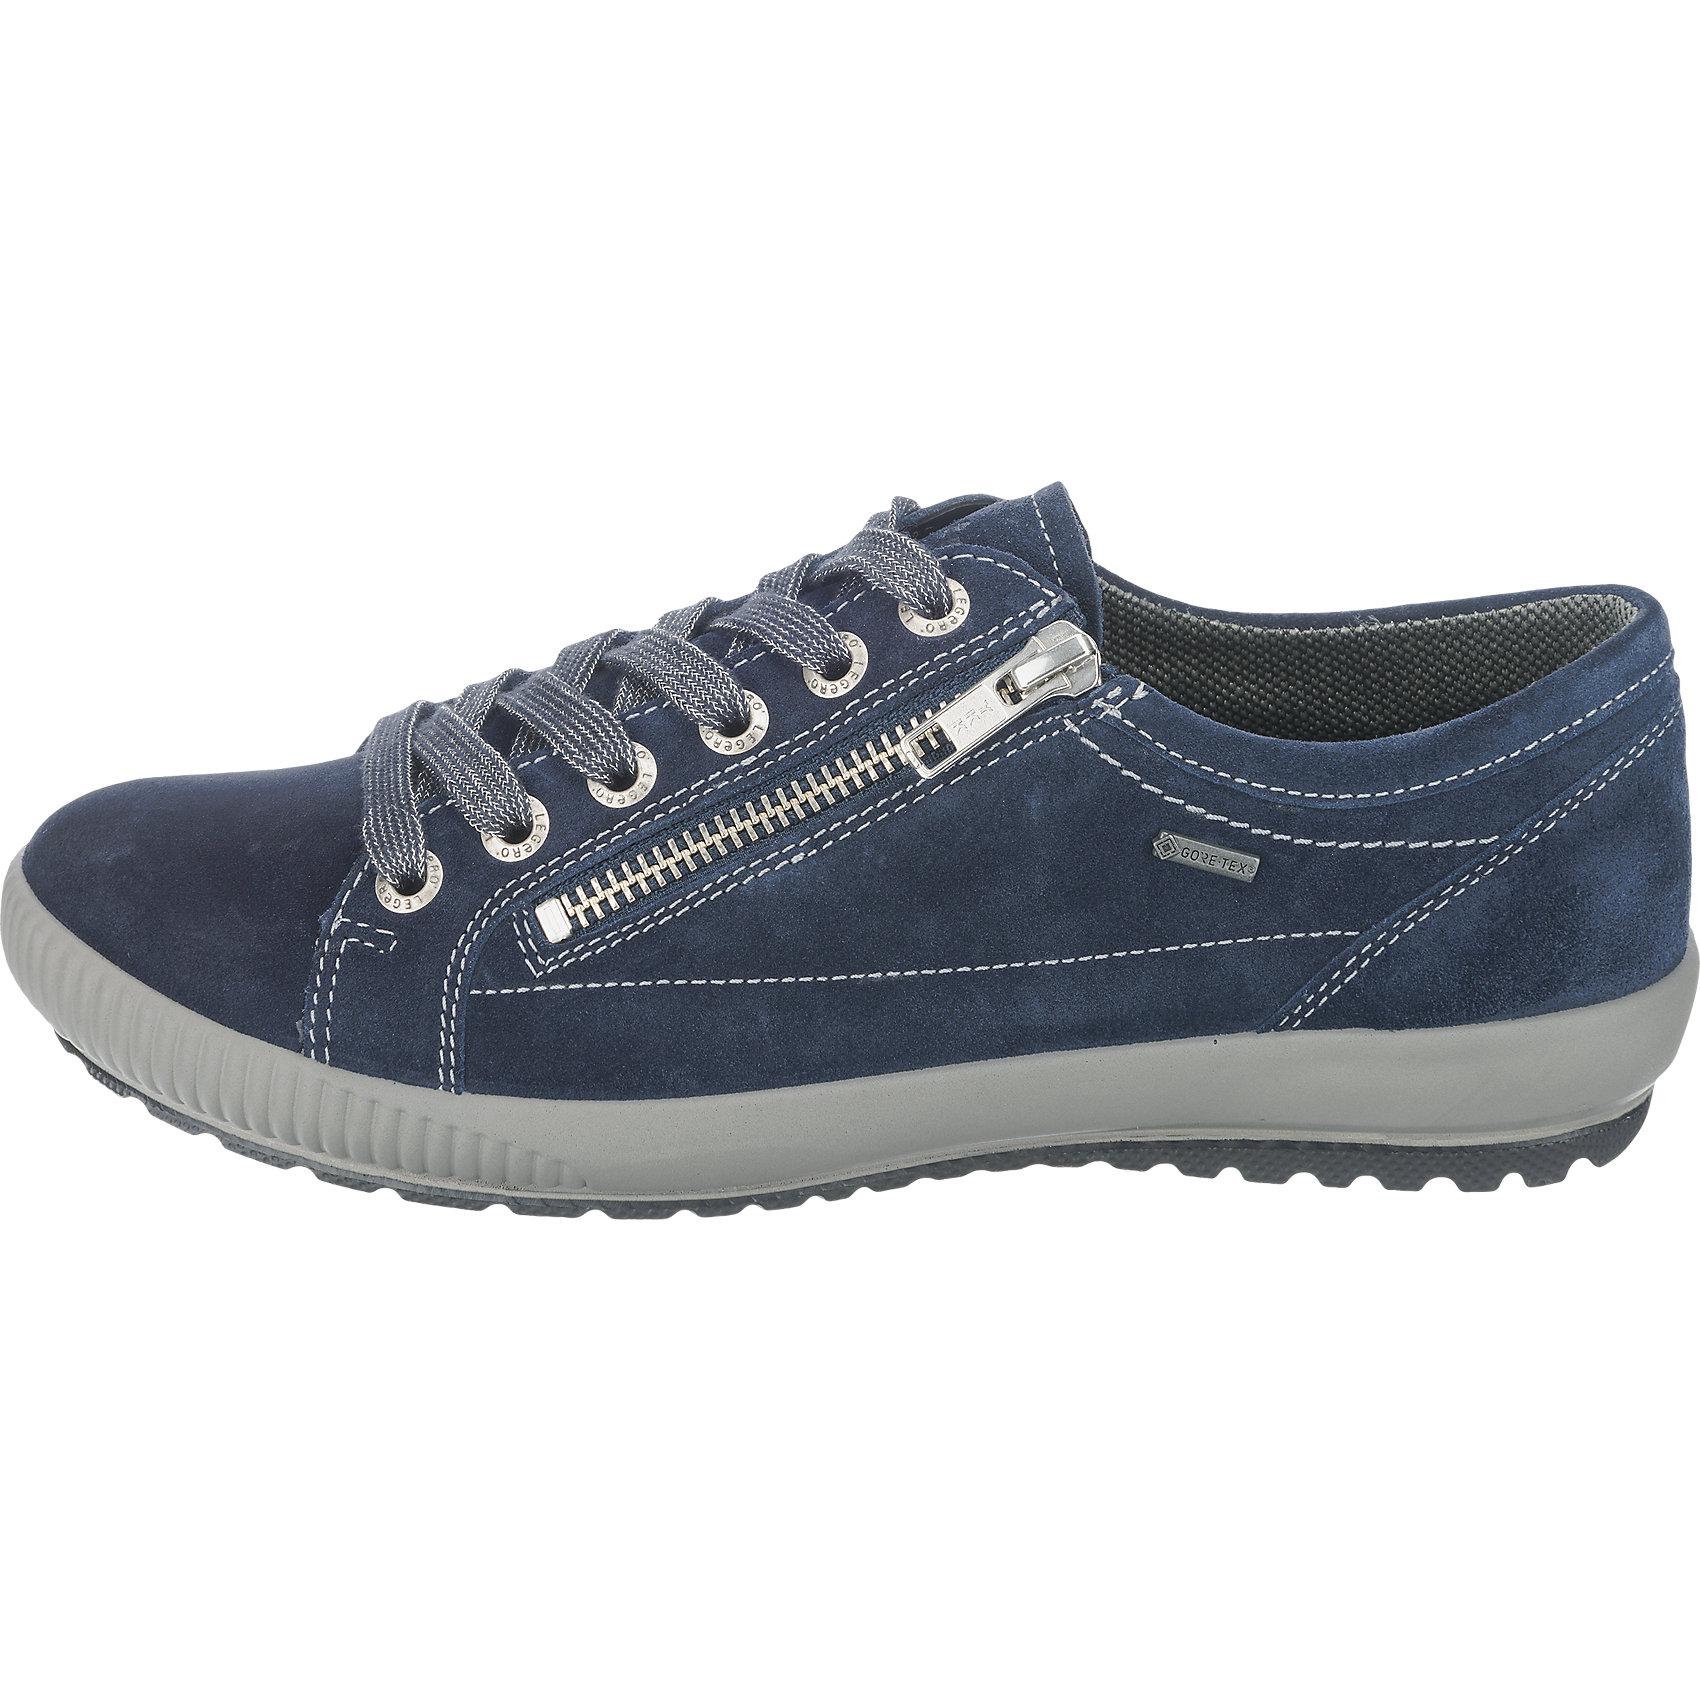 autumn shoes arrives best sale Details zu Neu Legero Tanaro Halbschuhe dunkelblau dunkelgrau 5779404